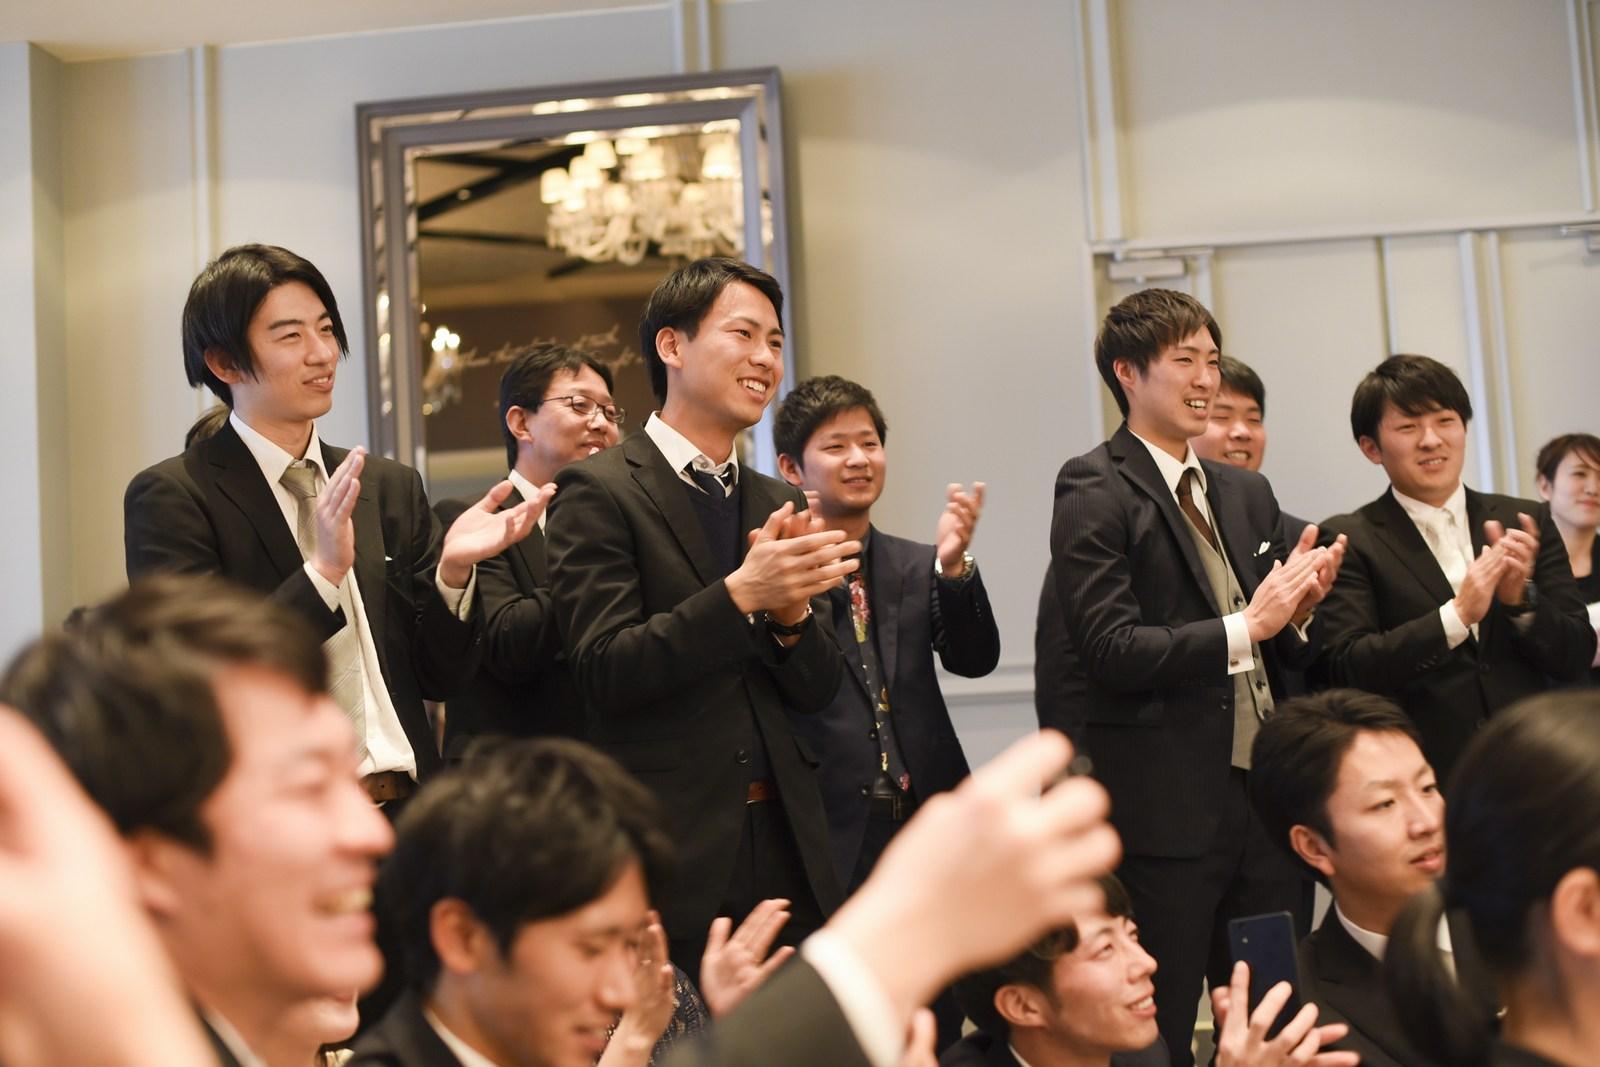 徳島市の結婚式場ブランアンジュでファーストバイト